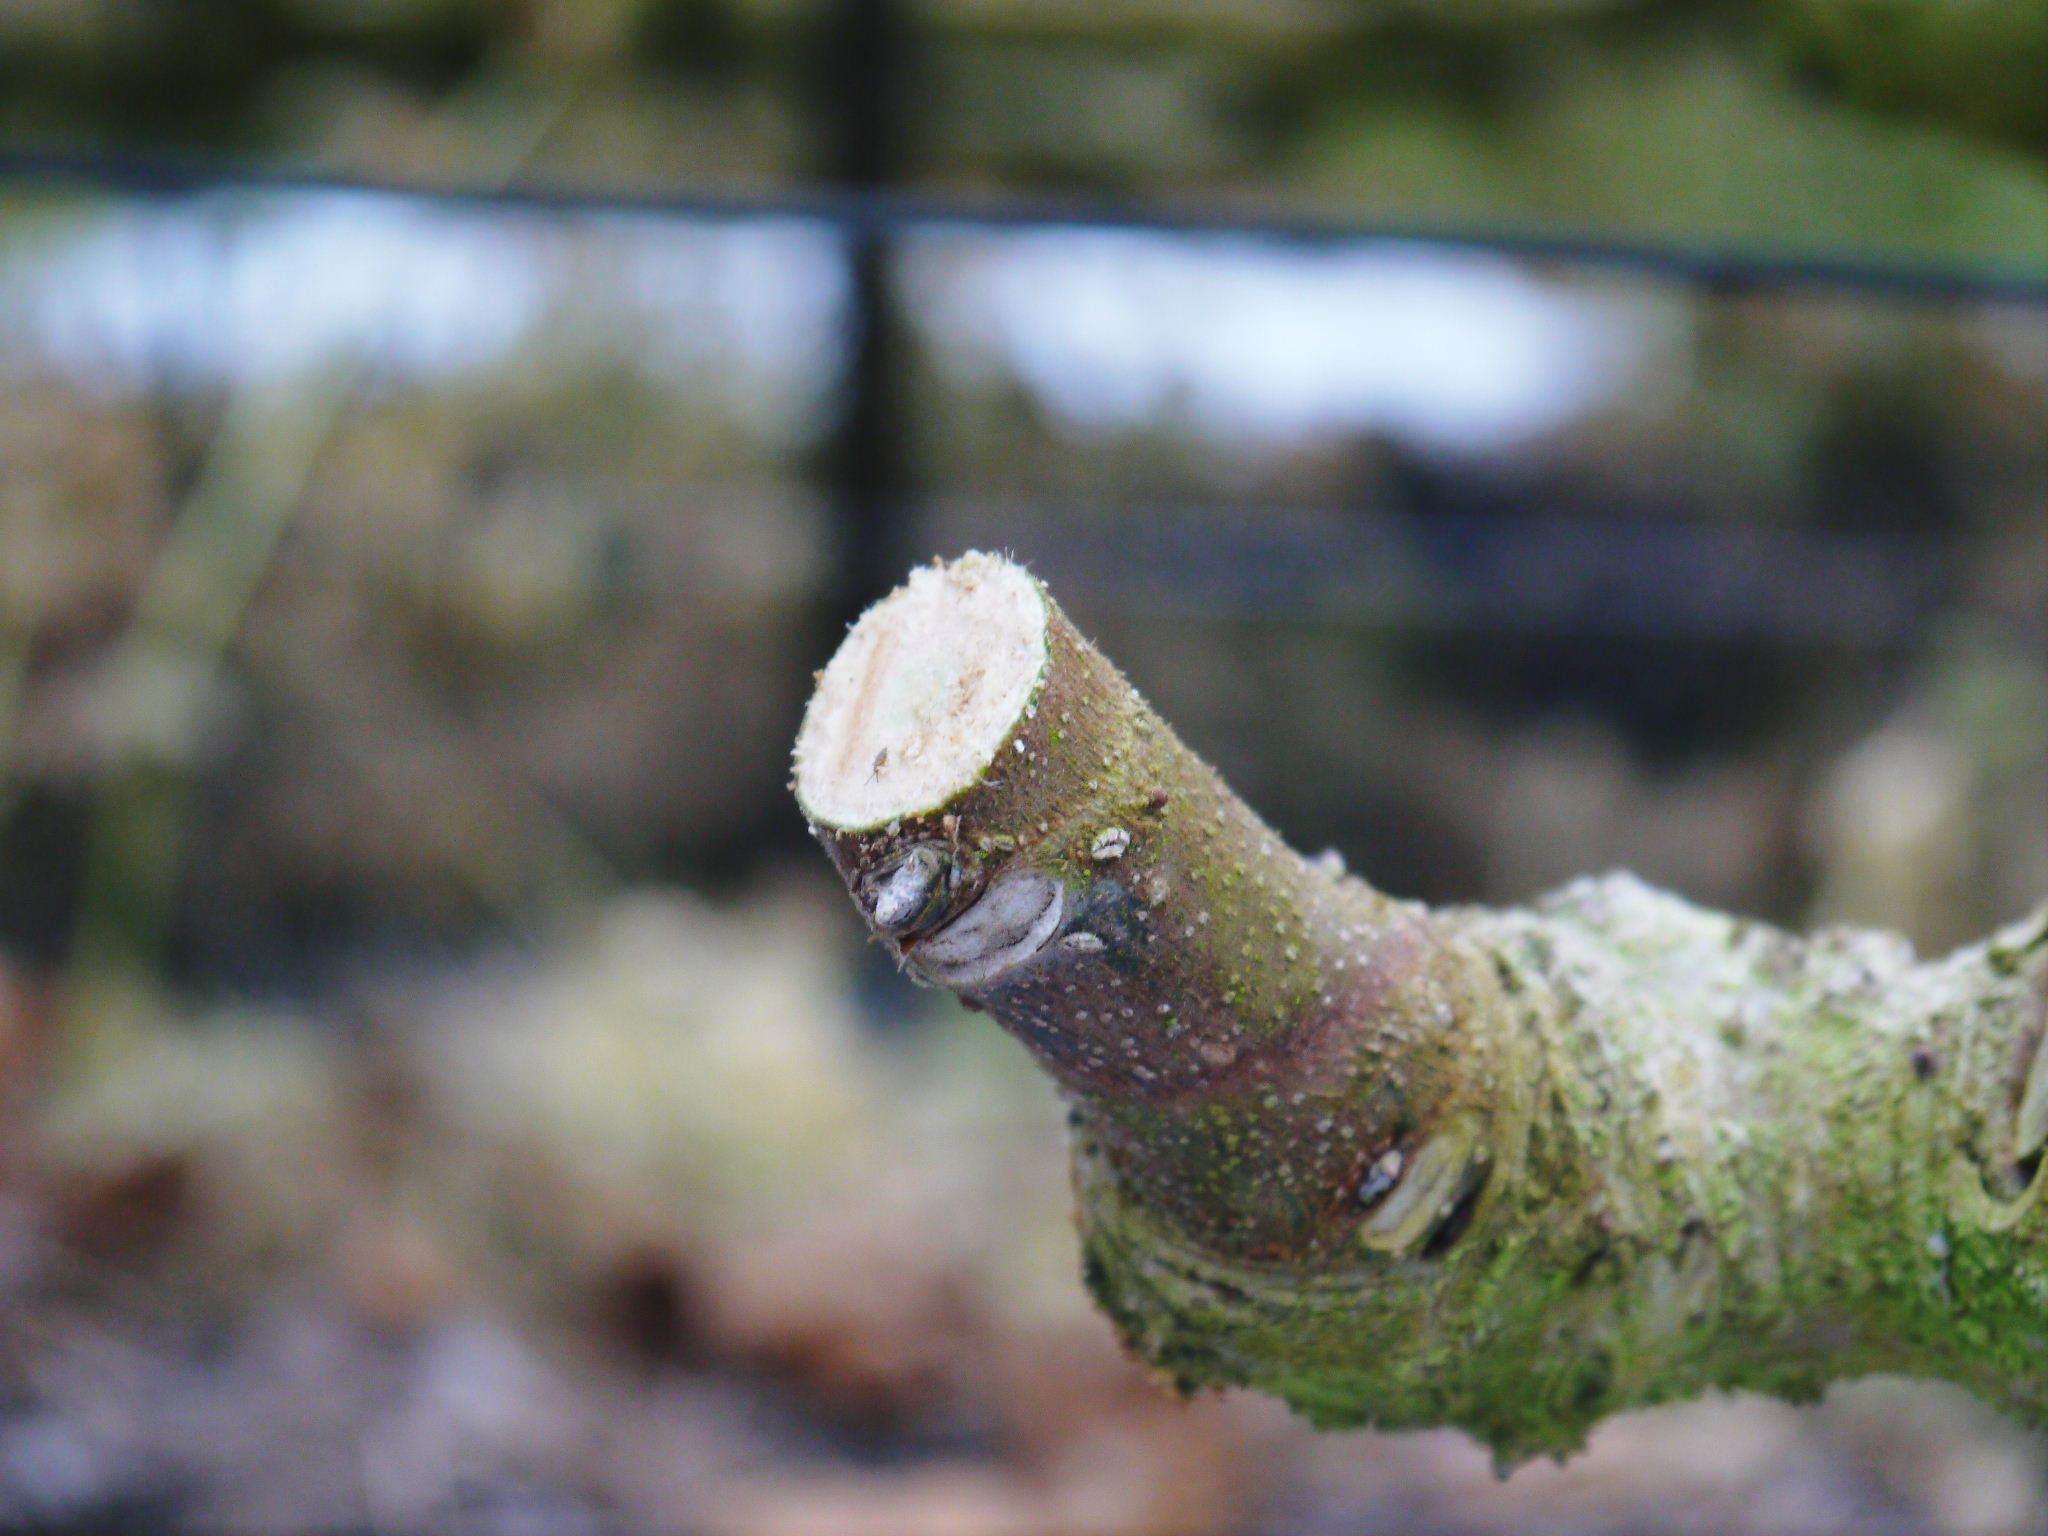 甘熟イチジク 確実に実る弱い枝を芽吹かせ育てるための匠の剪定作業2020_a0254656_16512403.jpg